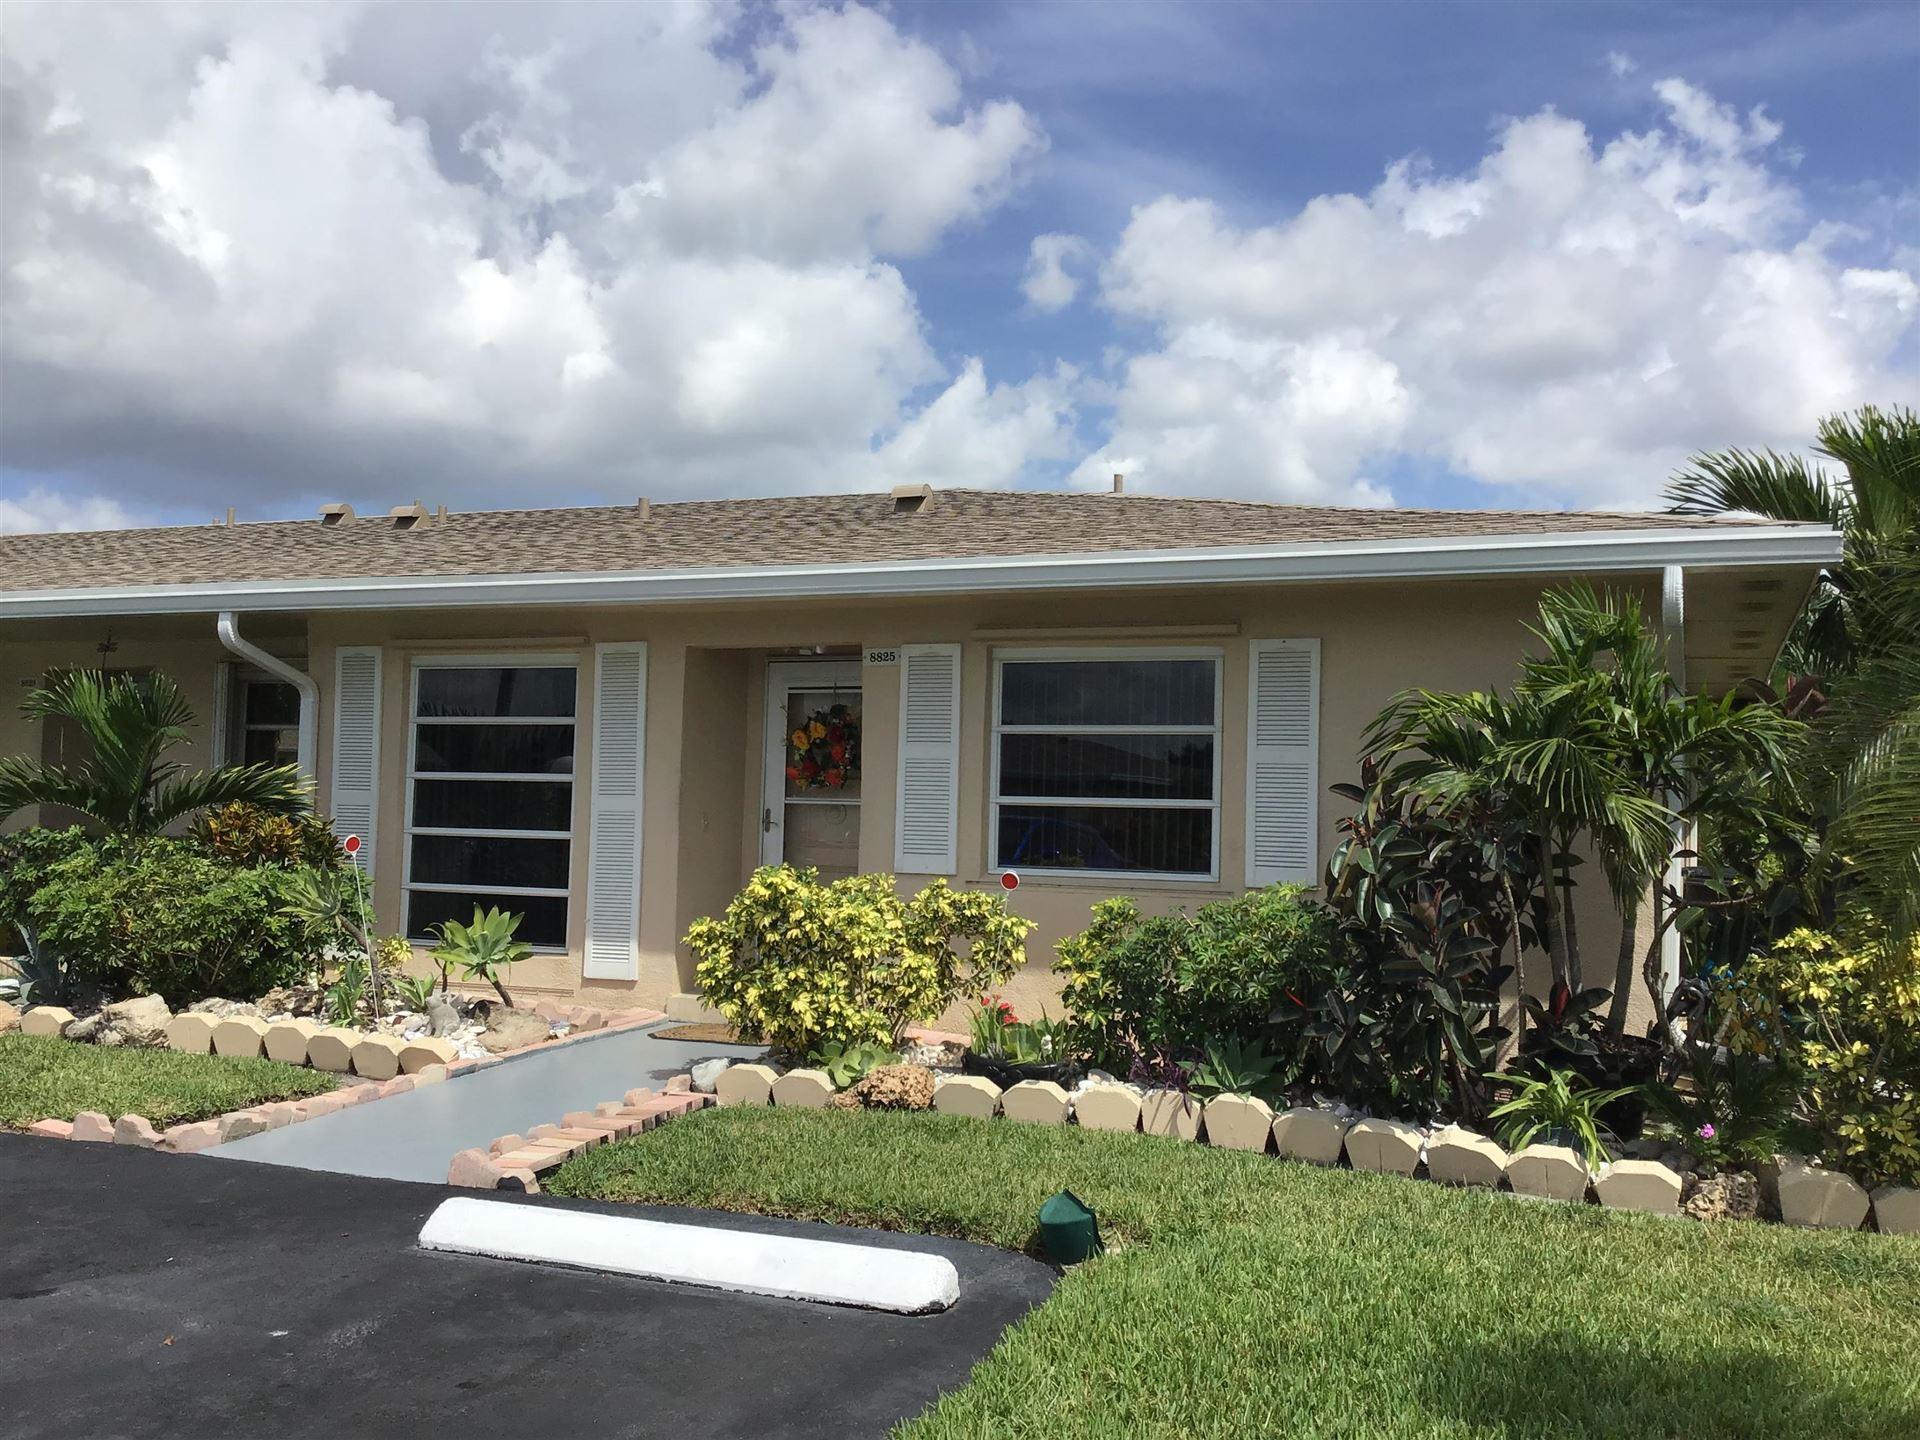 8825 Bella  Vista Drive #281, Boca Raton, FL 33433 - #: RX-10650741